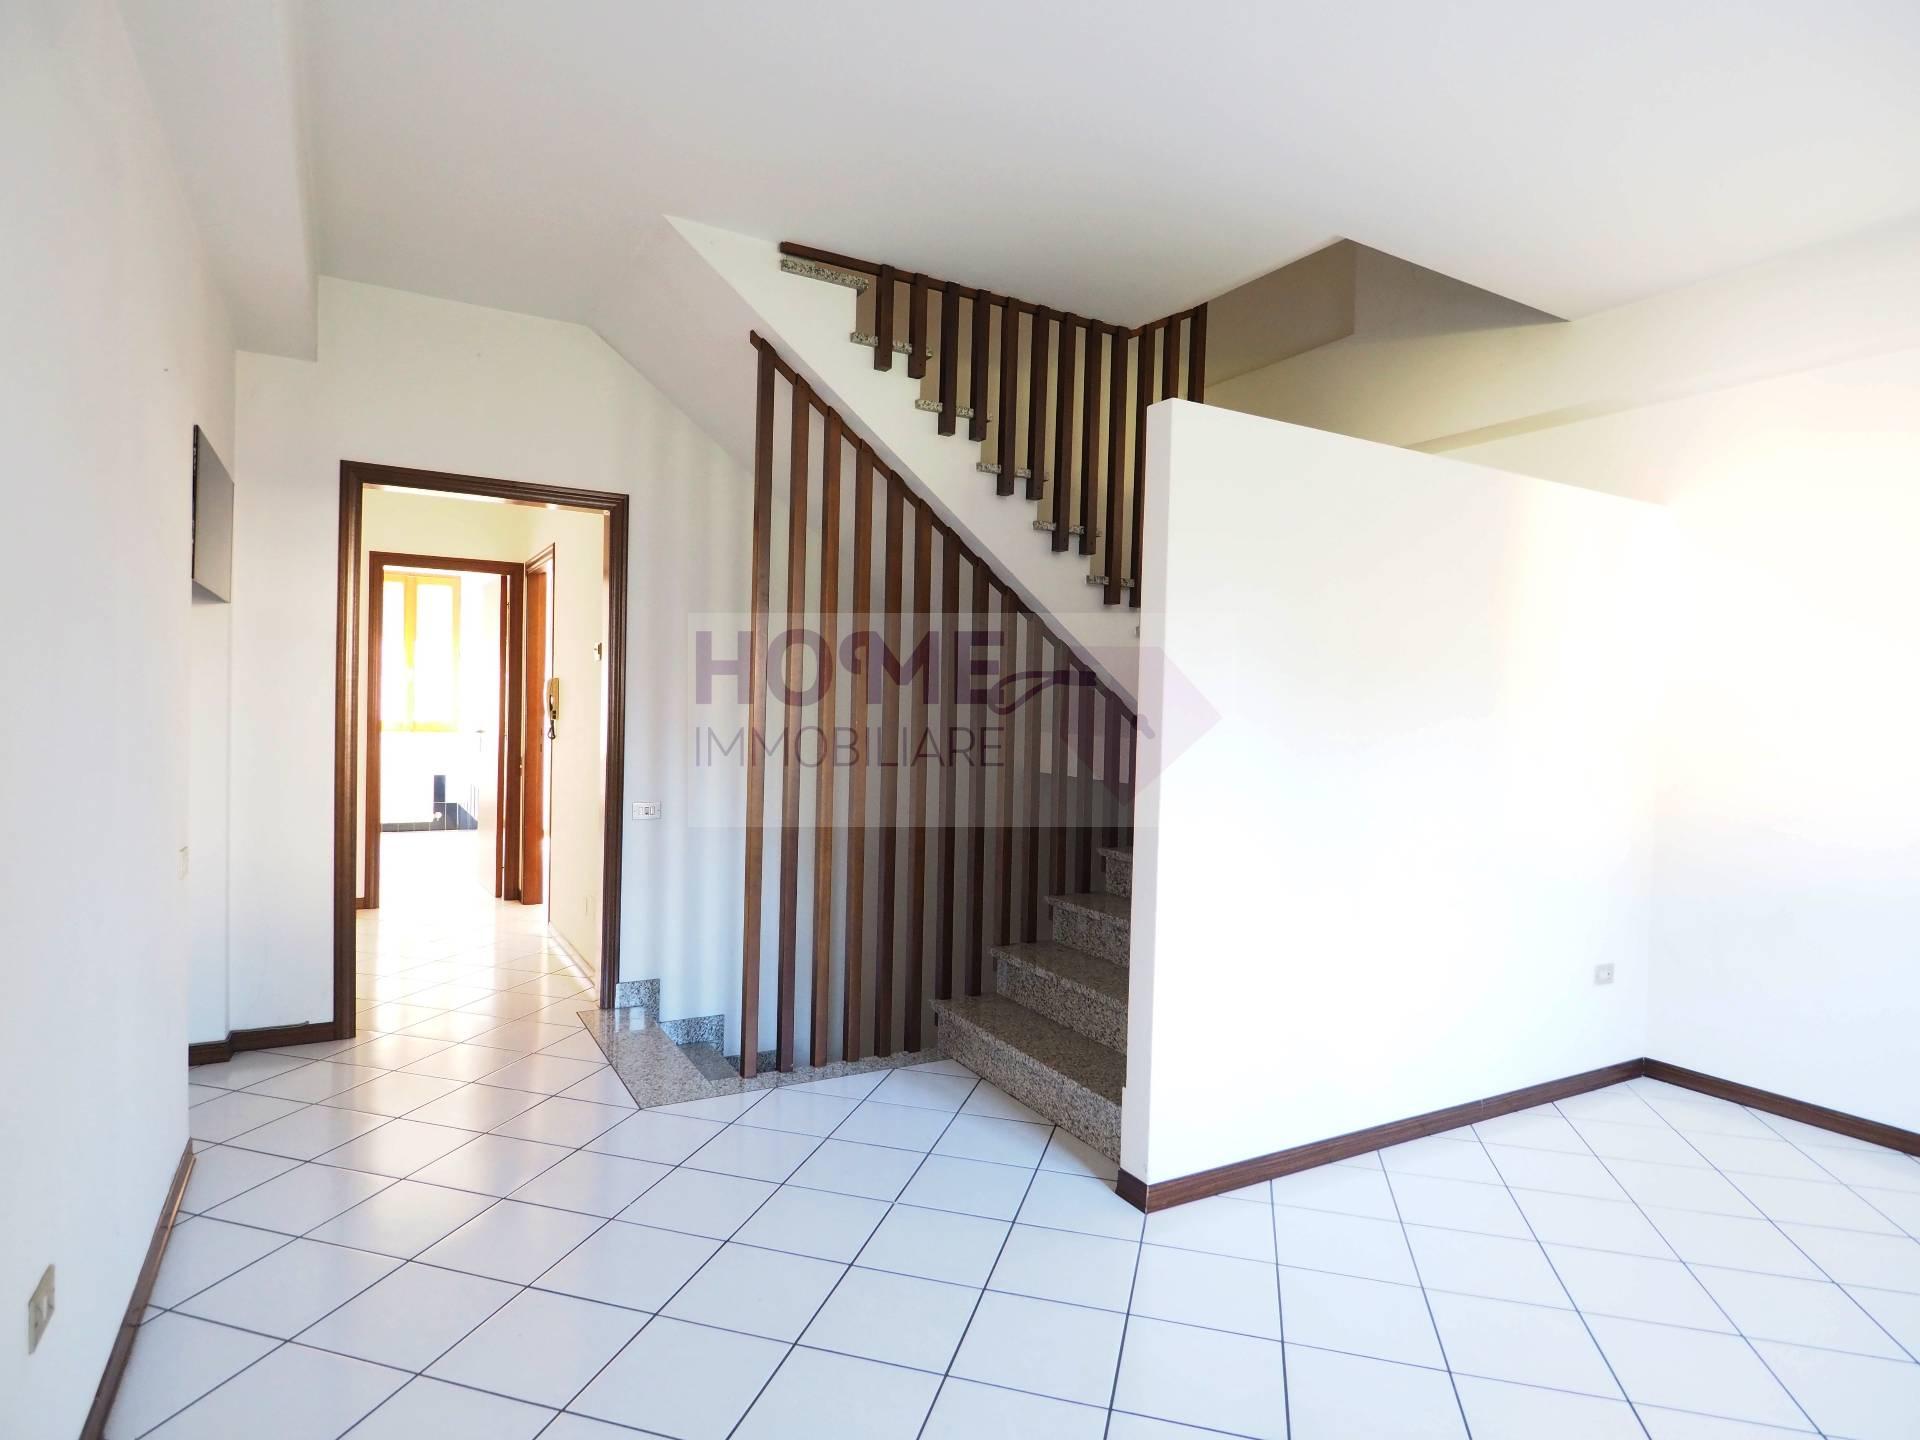 Appartamento in vendita a Treia, 7 locali, zona Località: periferia, prezzo € 95.000 | CambioCasa.it